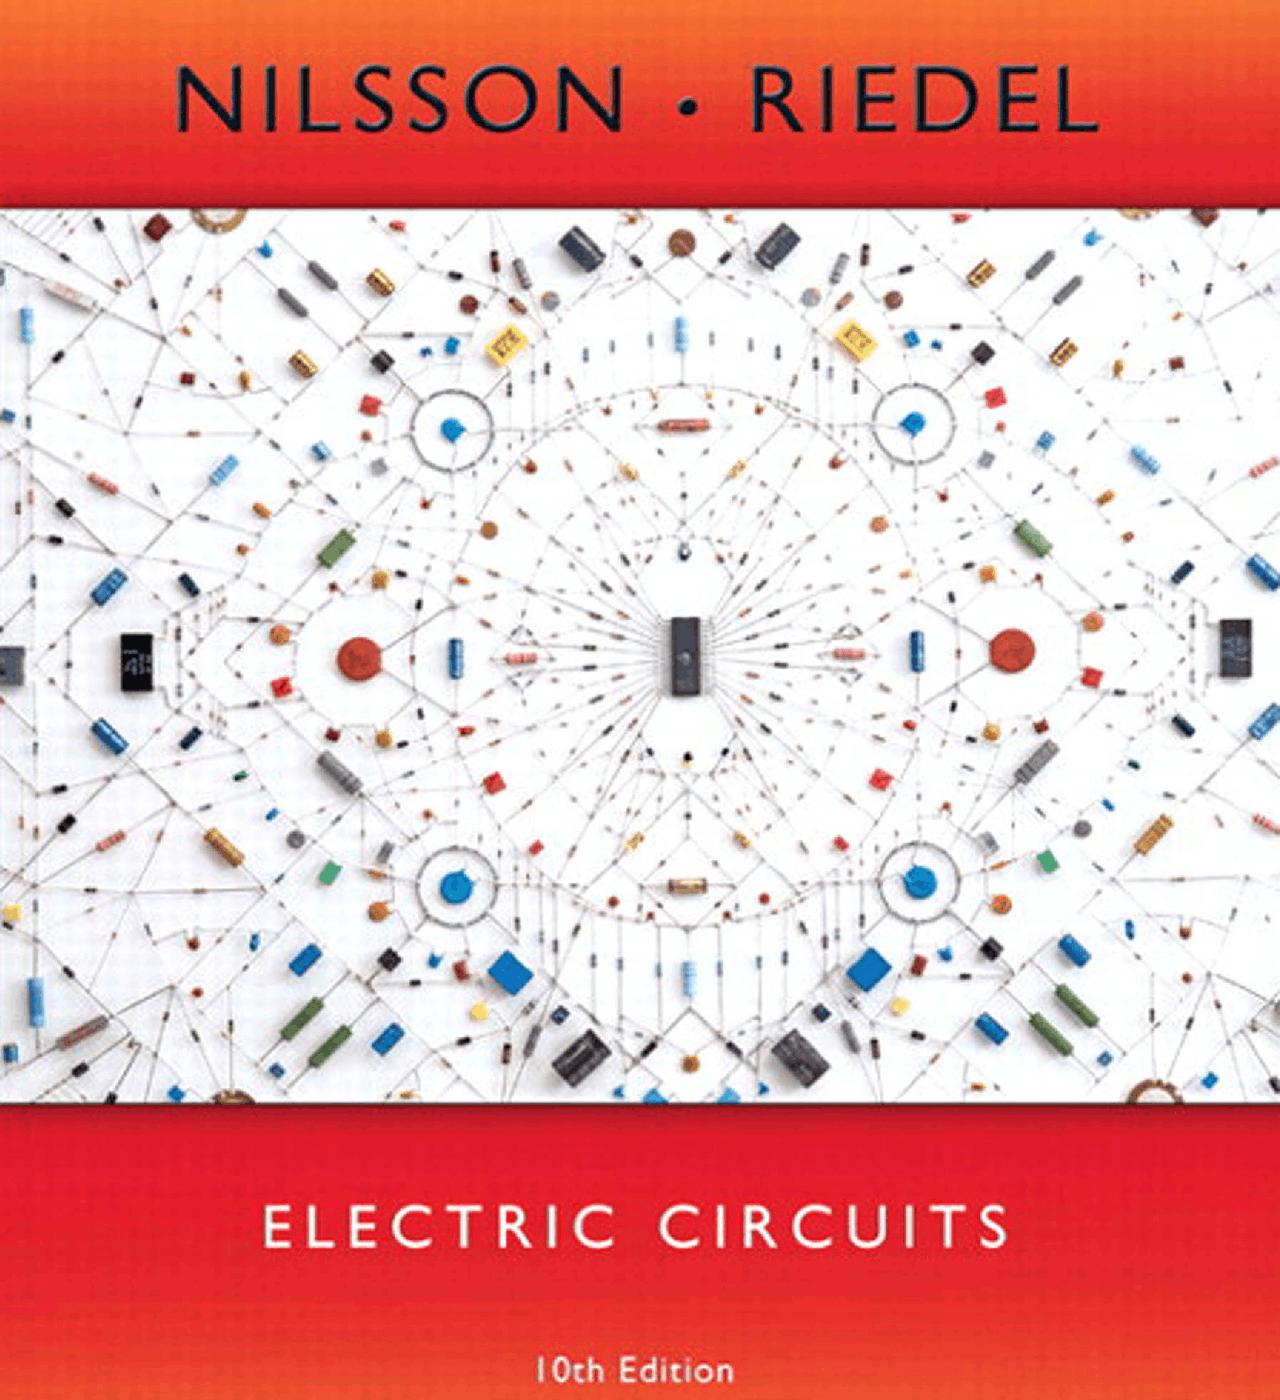 دانلود کتاب مدارهای الکتریکی نیلسون ویرایش 10